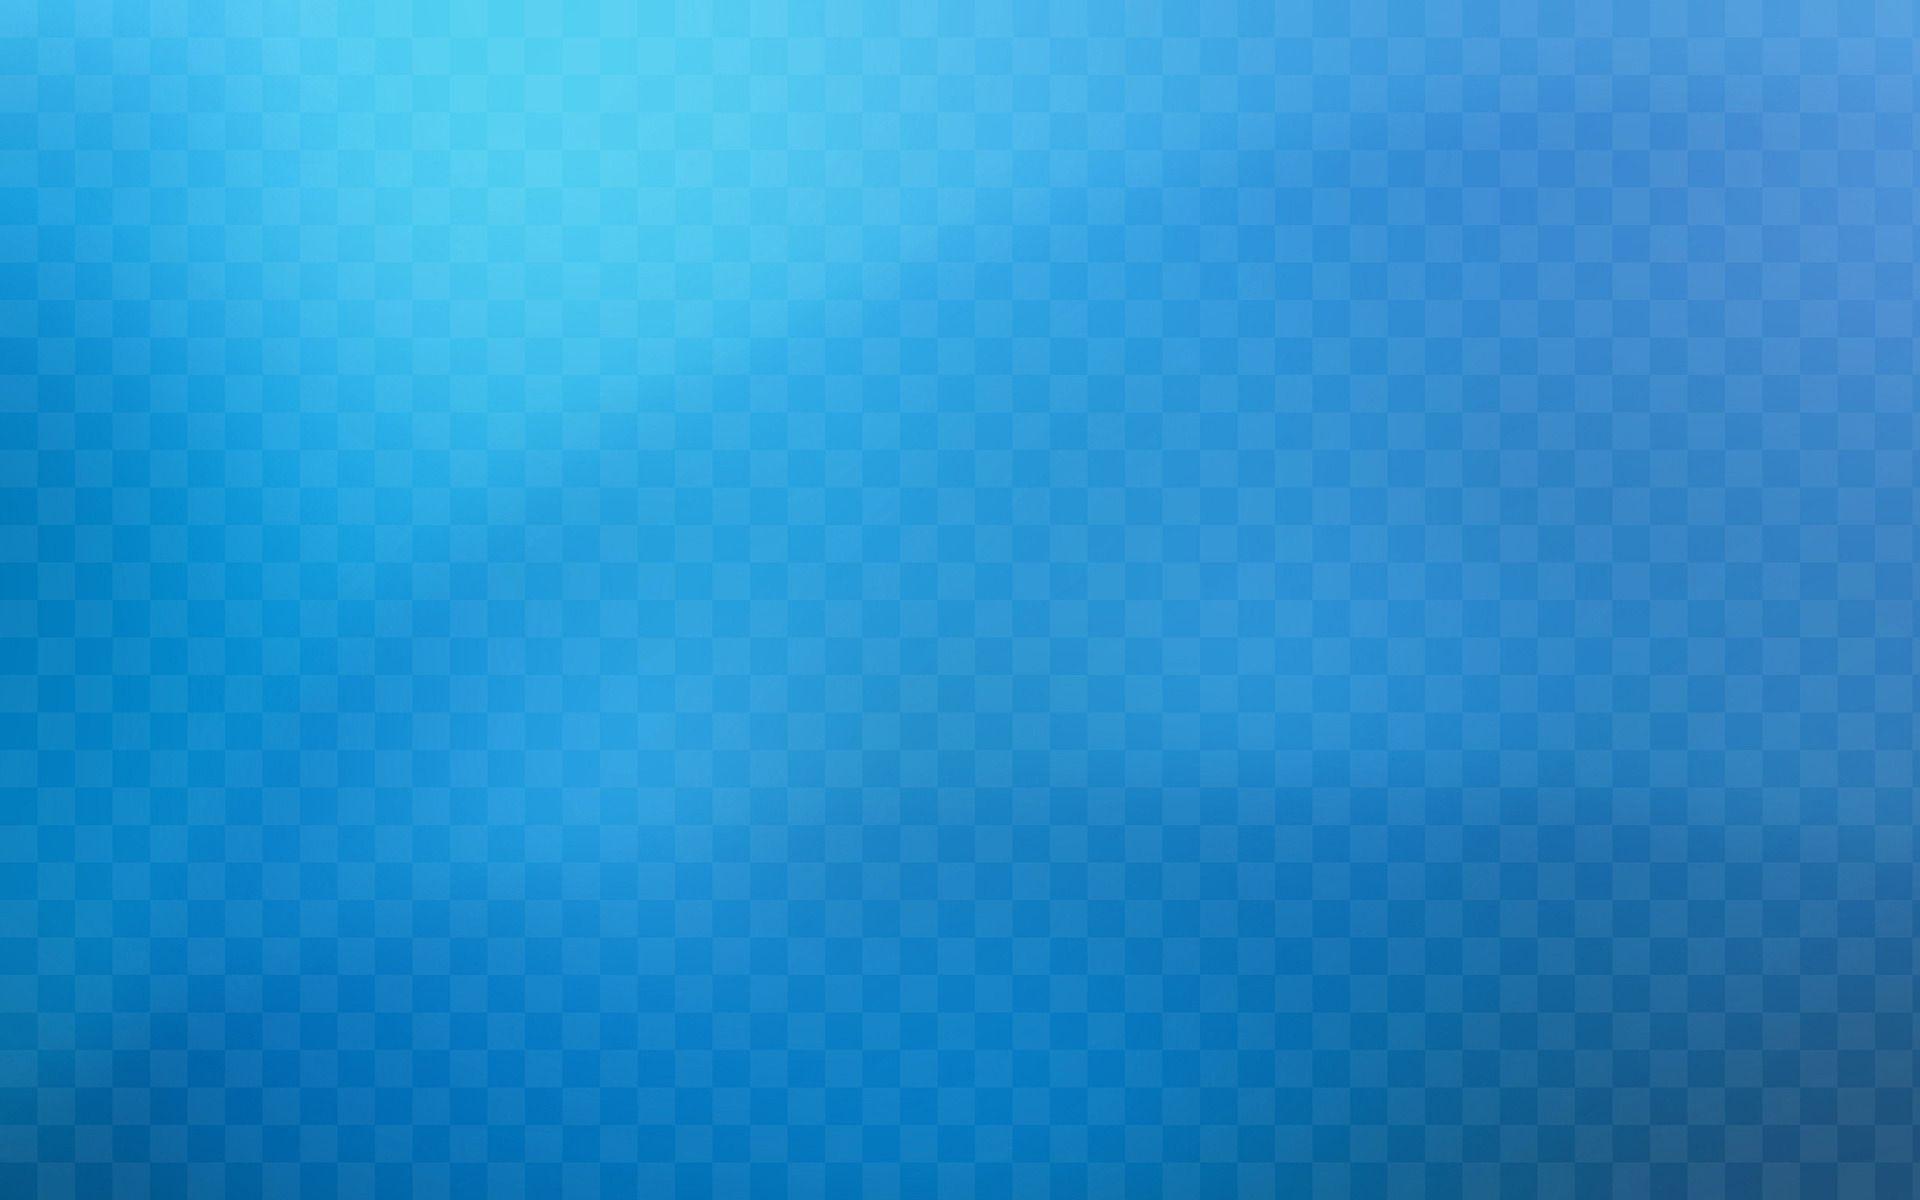 Blue Wallpaper #4N HD Desktop #7441 Wallpaper | Forrestkyle Gallery